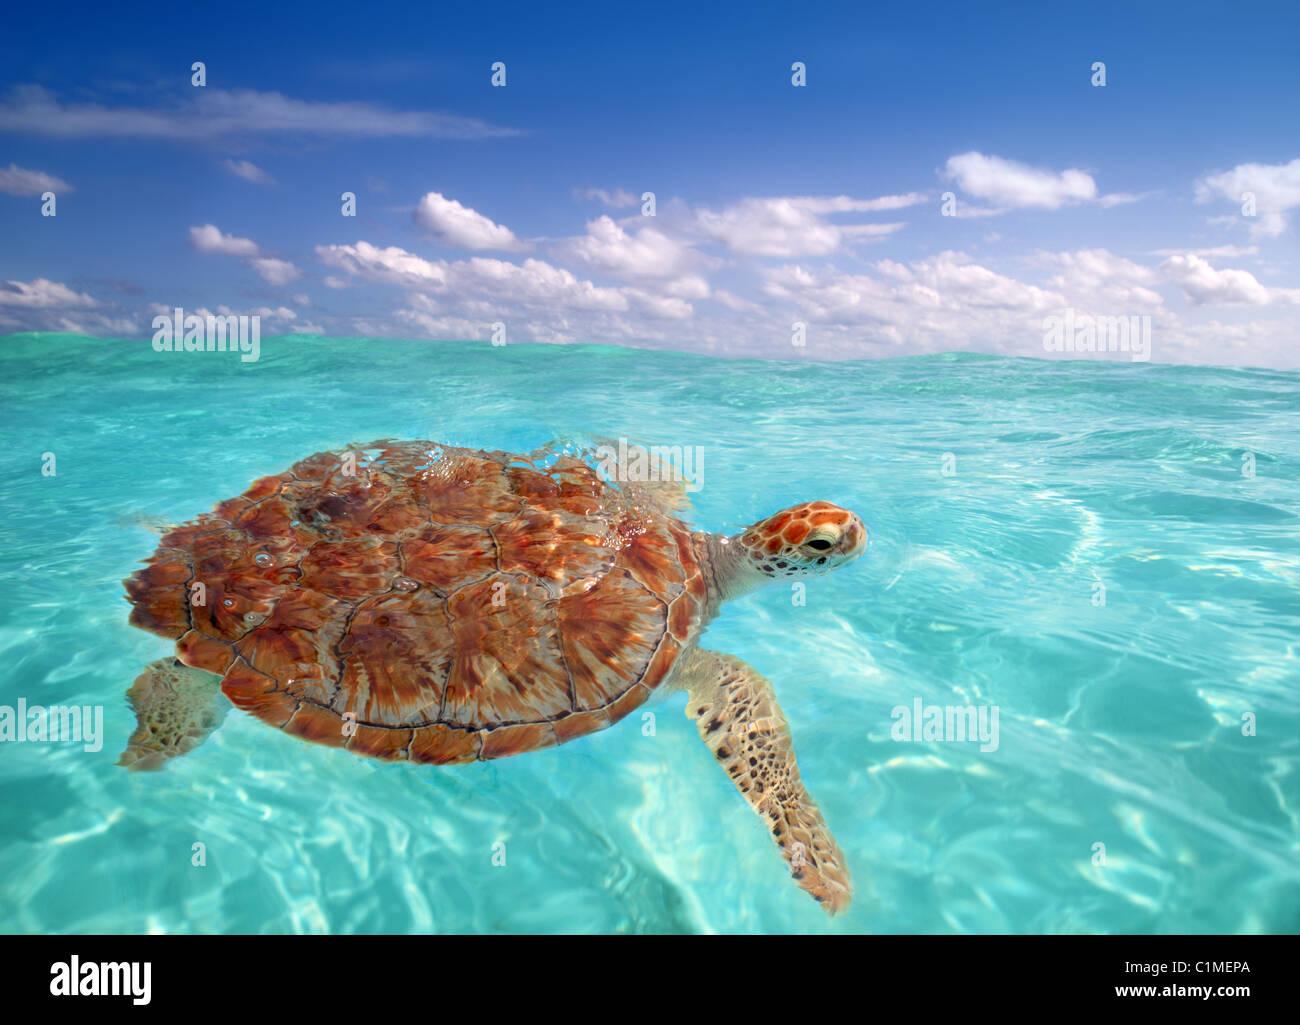 Tortue verte Chelonia mydas mer des Caraïbes Cheloniidae surface de l'eau Banque D'Images